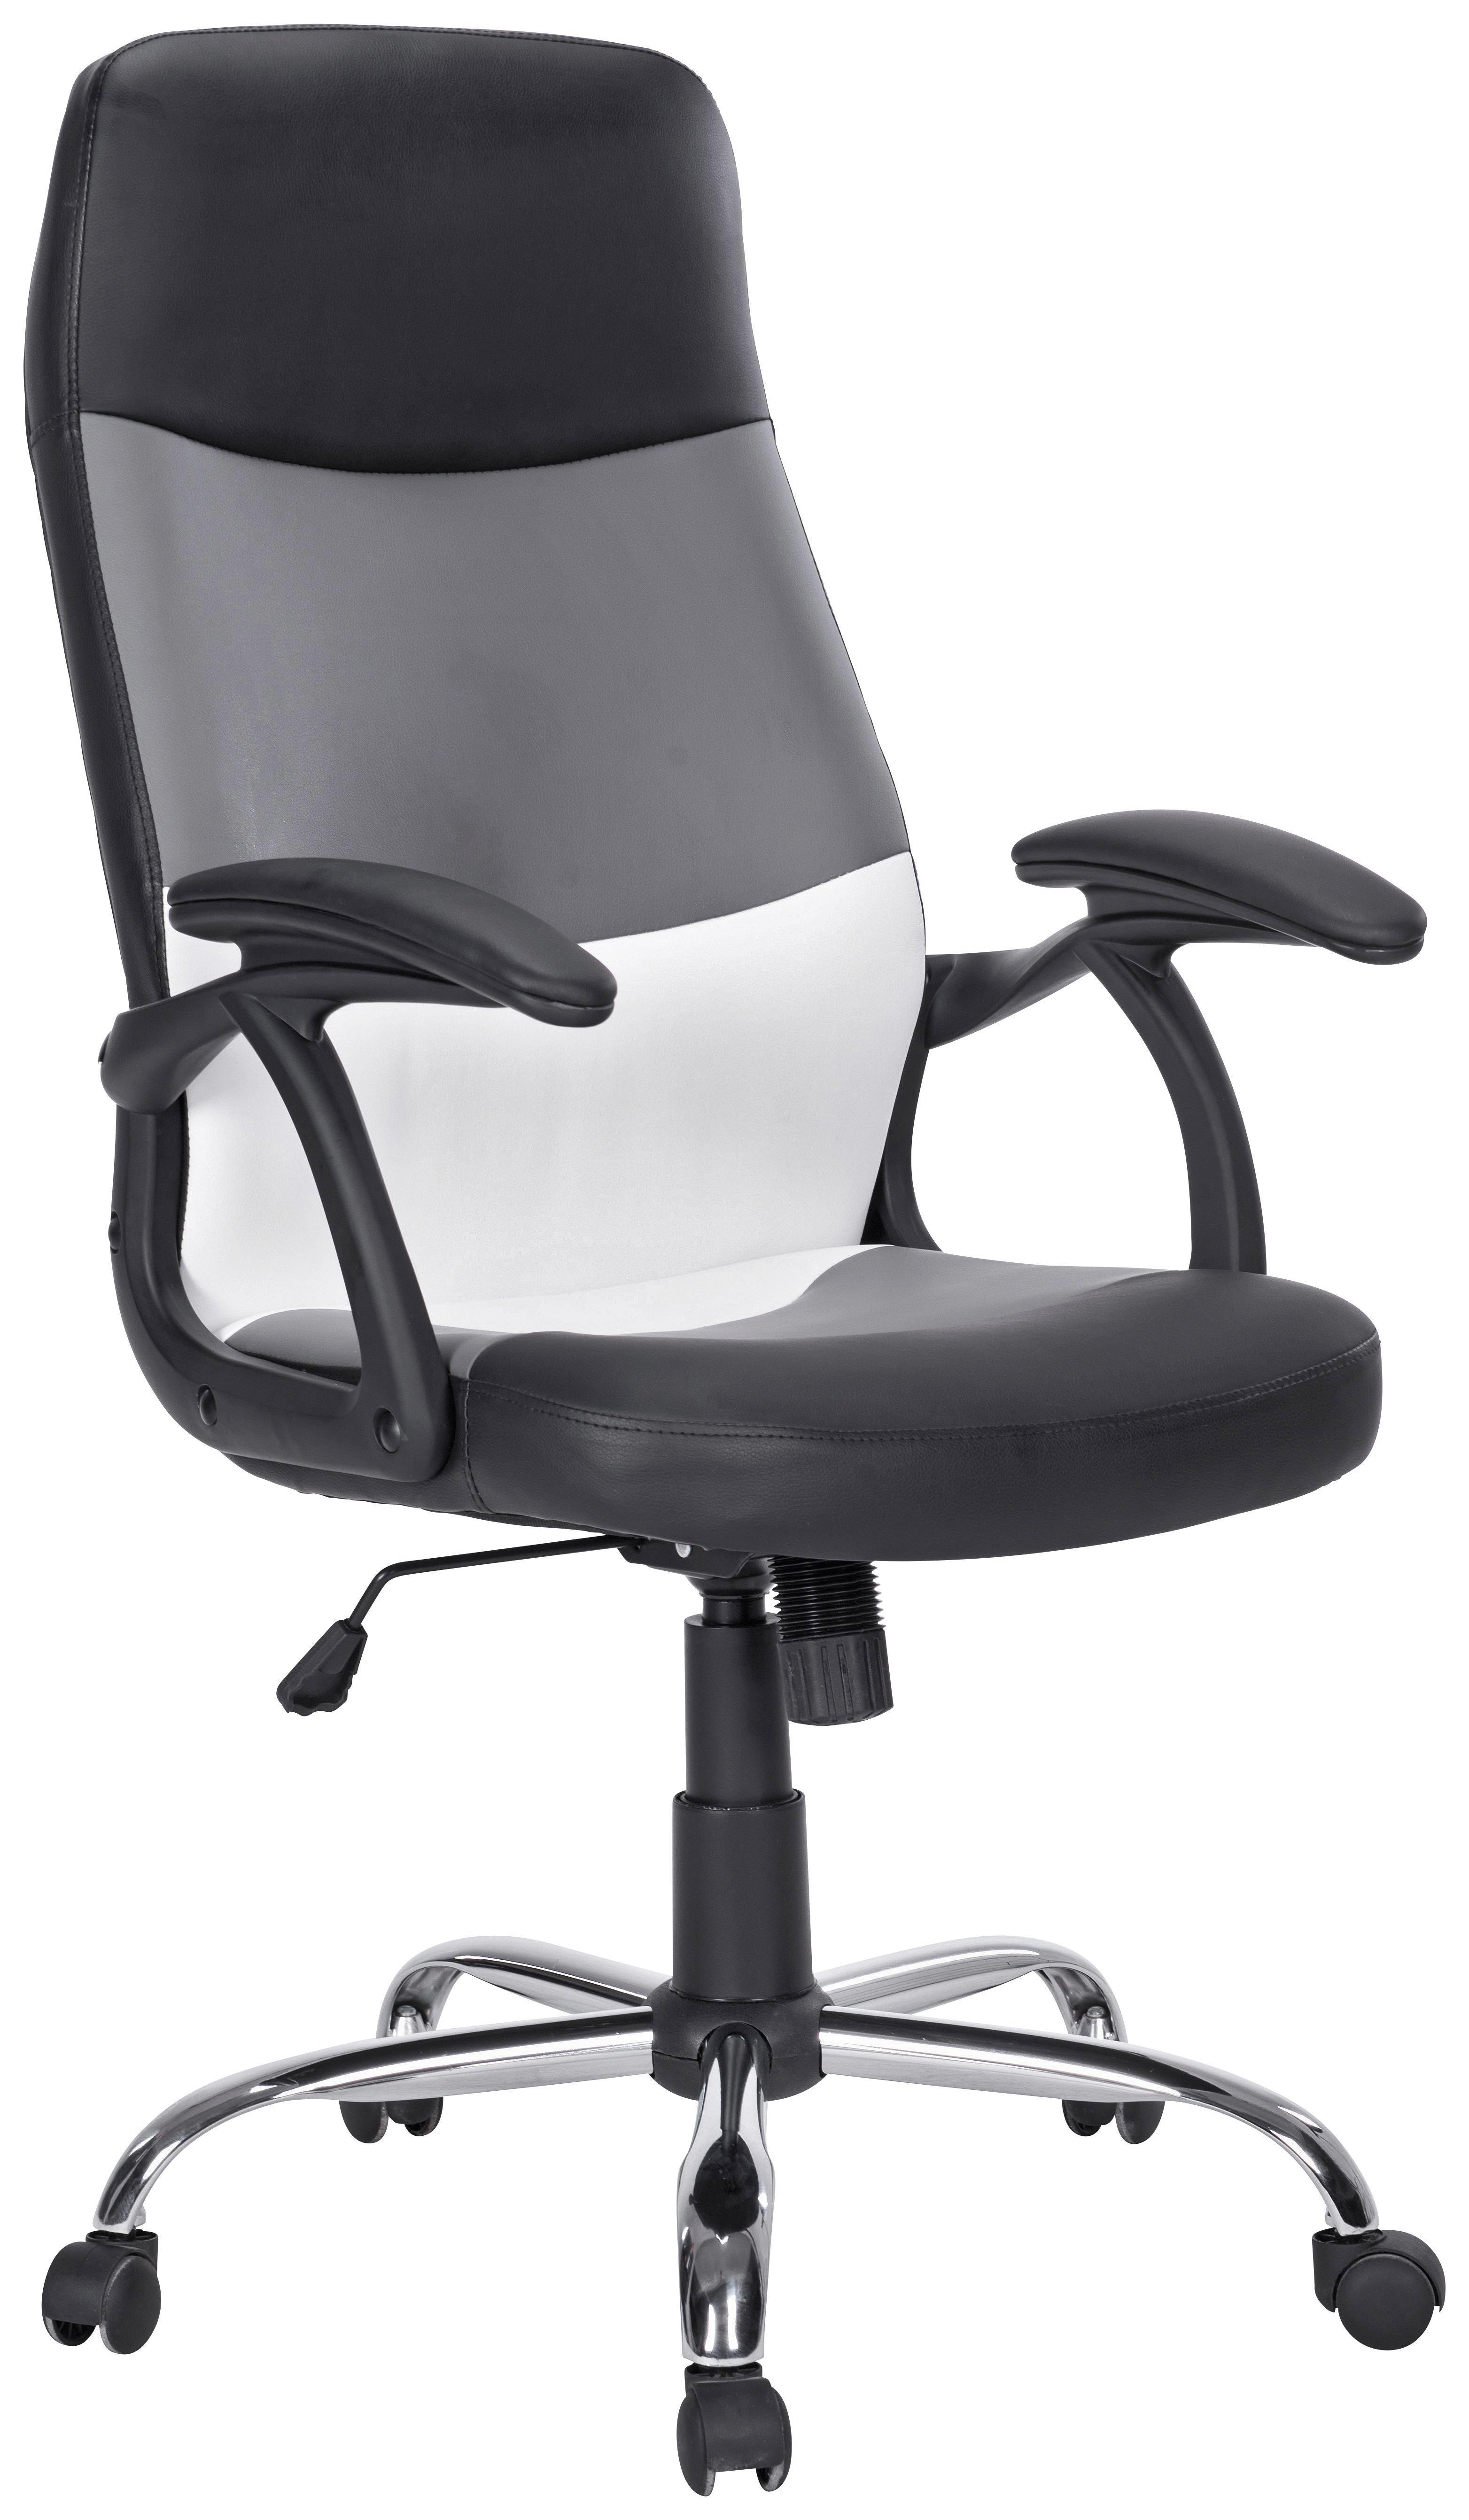 Drehstuhl weiß schwarz  Drehstuhl in Schwarz/grau/Weiß online kaufen ➤ mömax